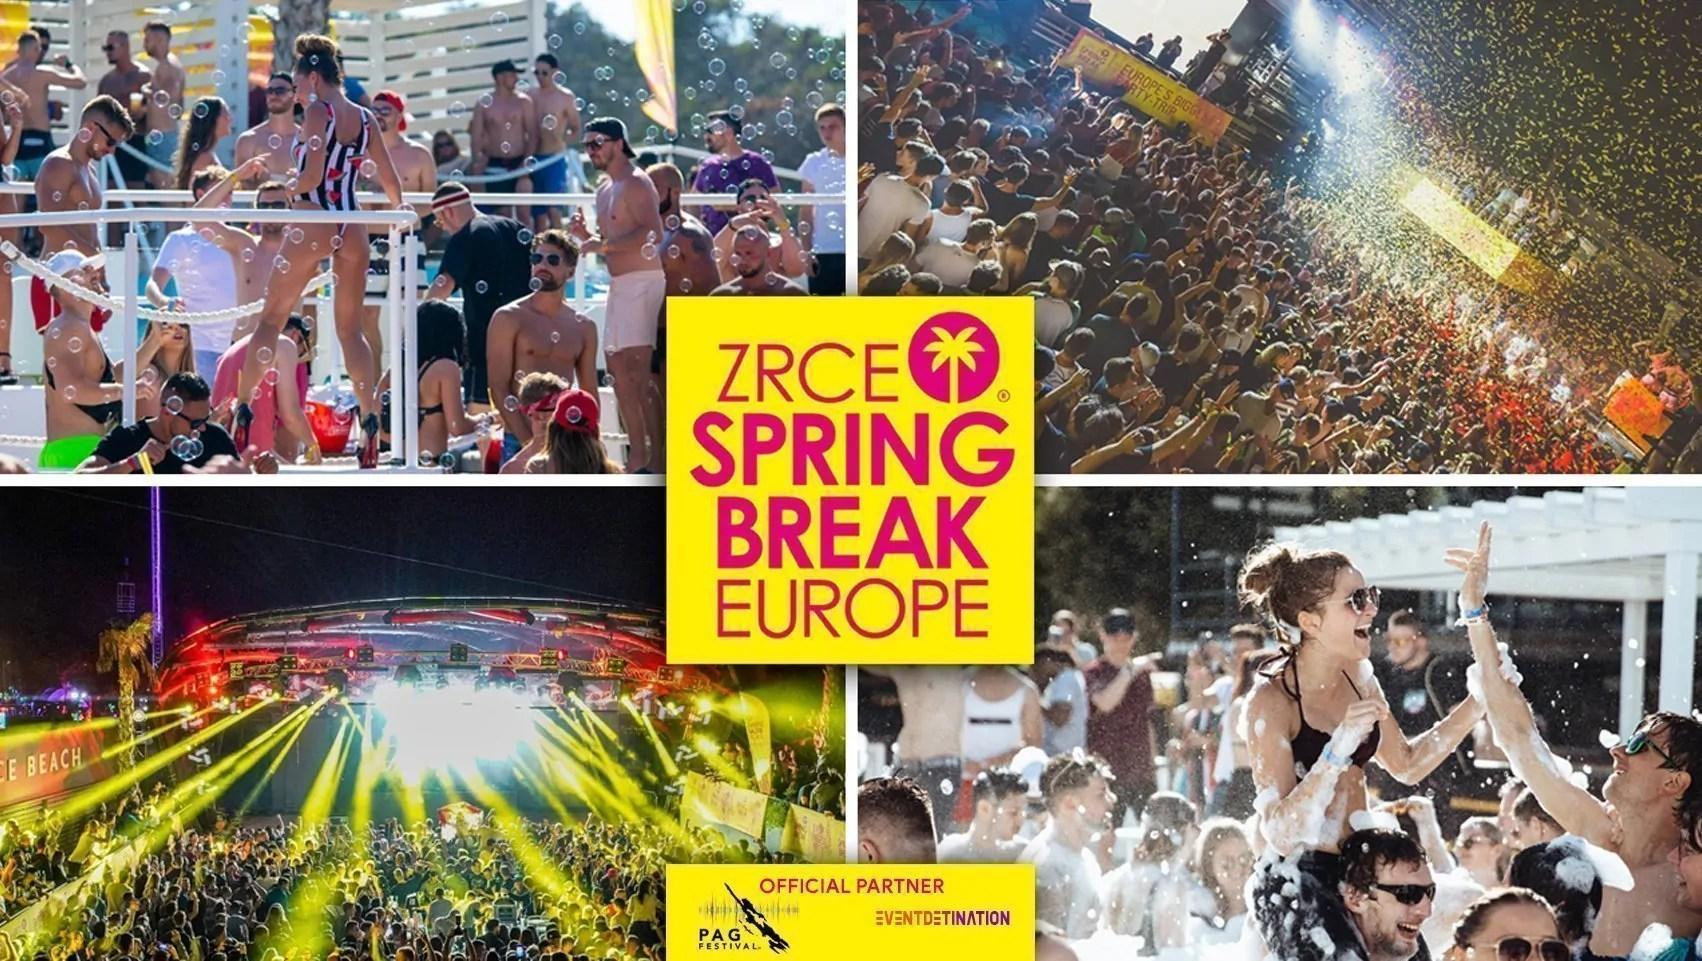 Zrce Spring Break Europe 29 Maggio- 01 Giugno 2020 Ticket + Appartamenti o Hotel